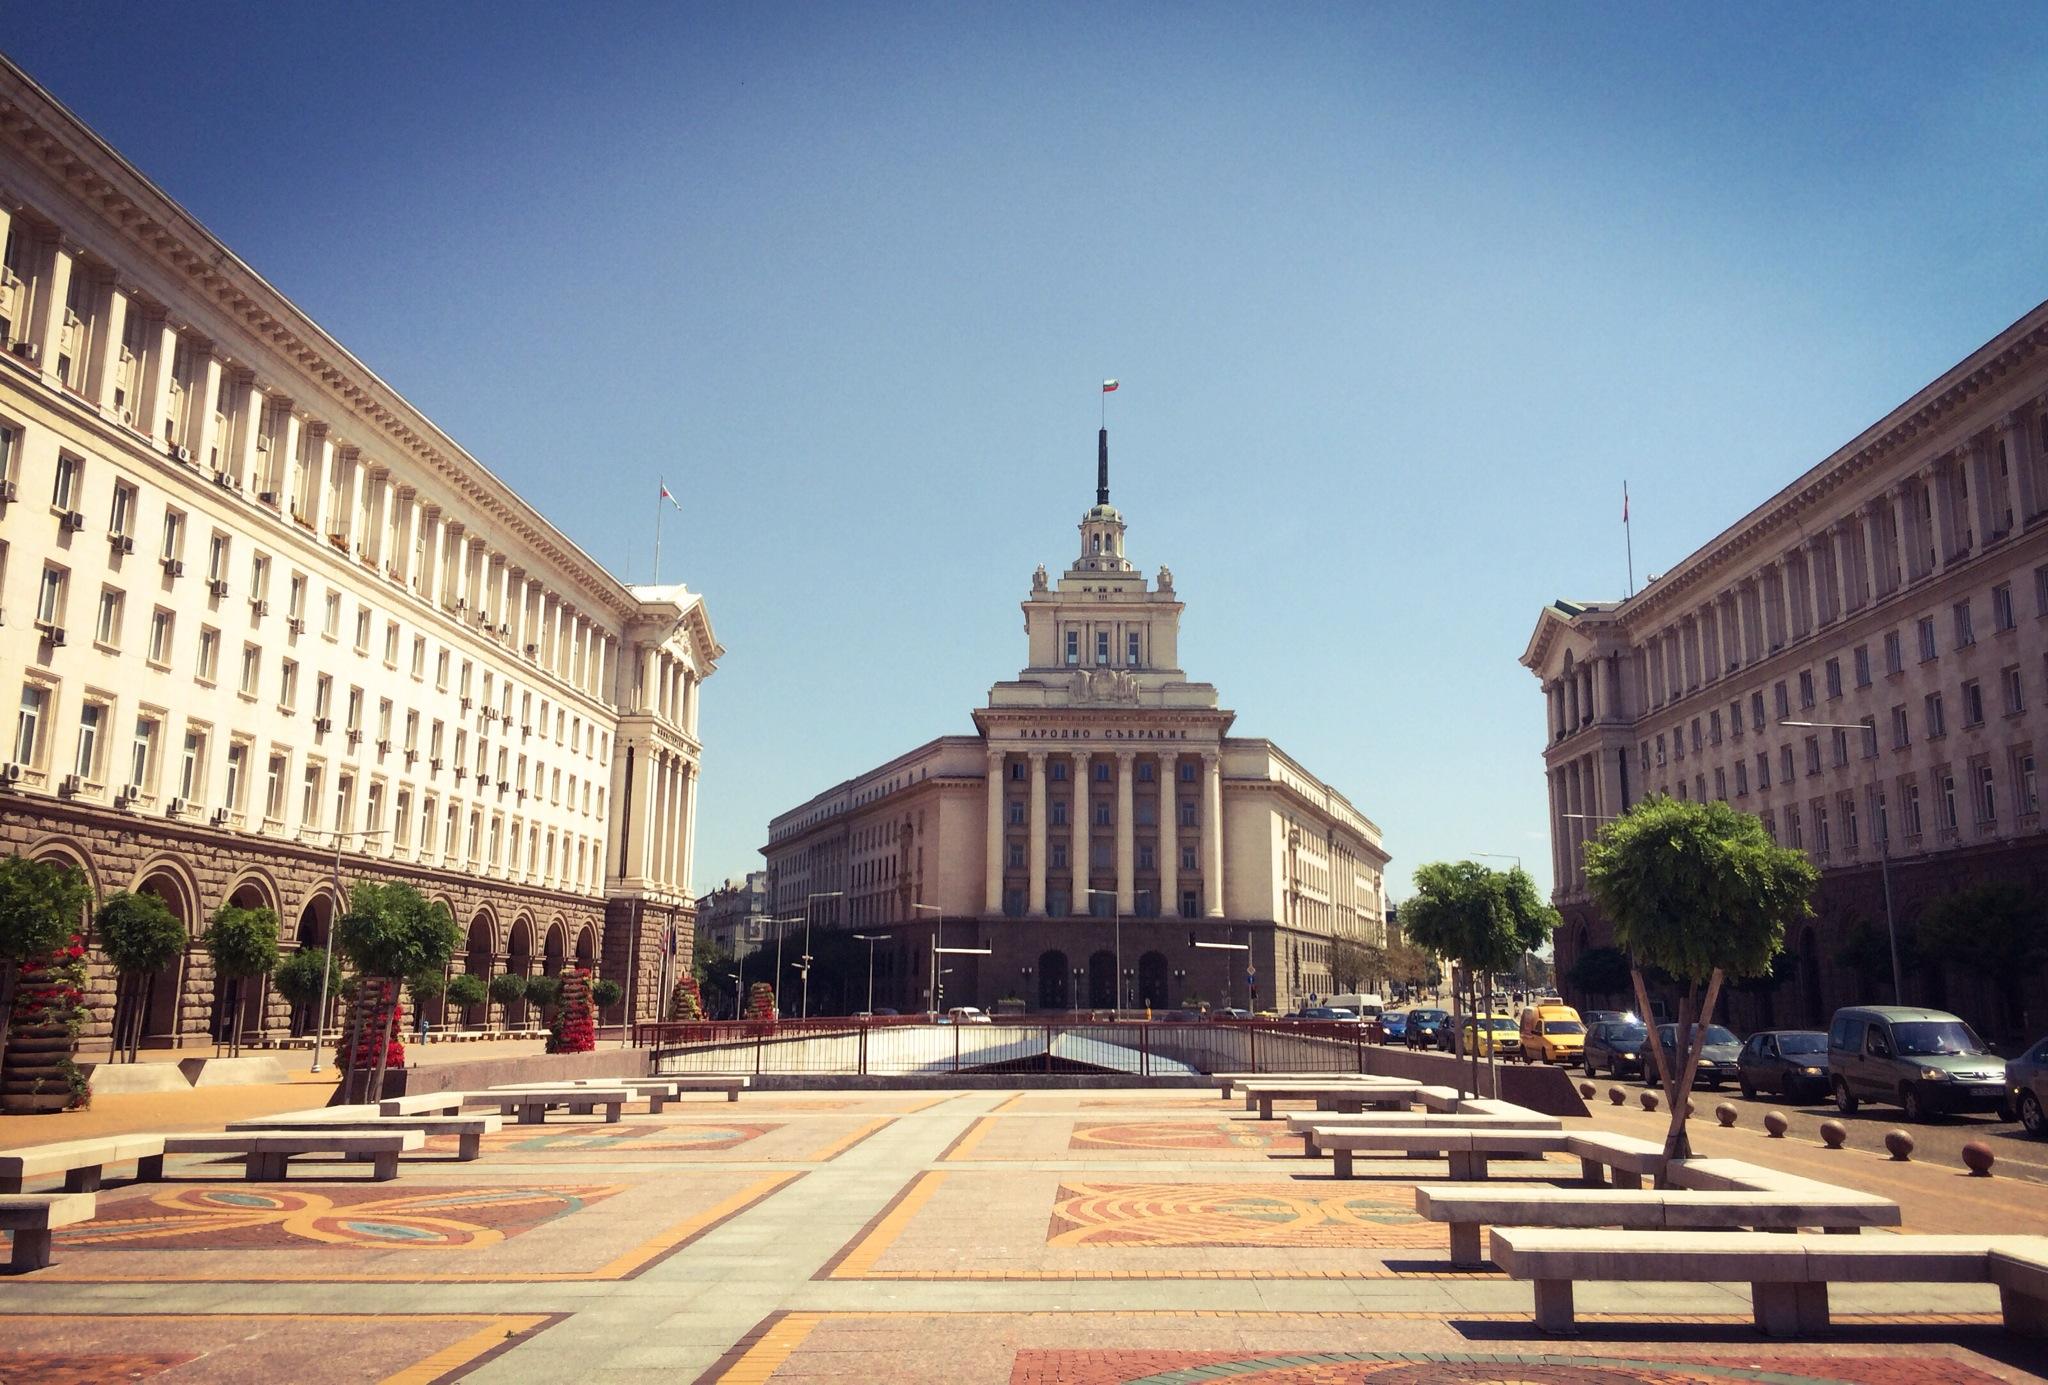 Sofia-the-capital-of-Bulgaria